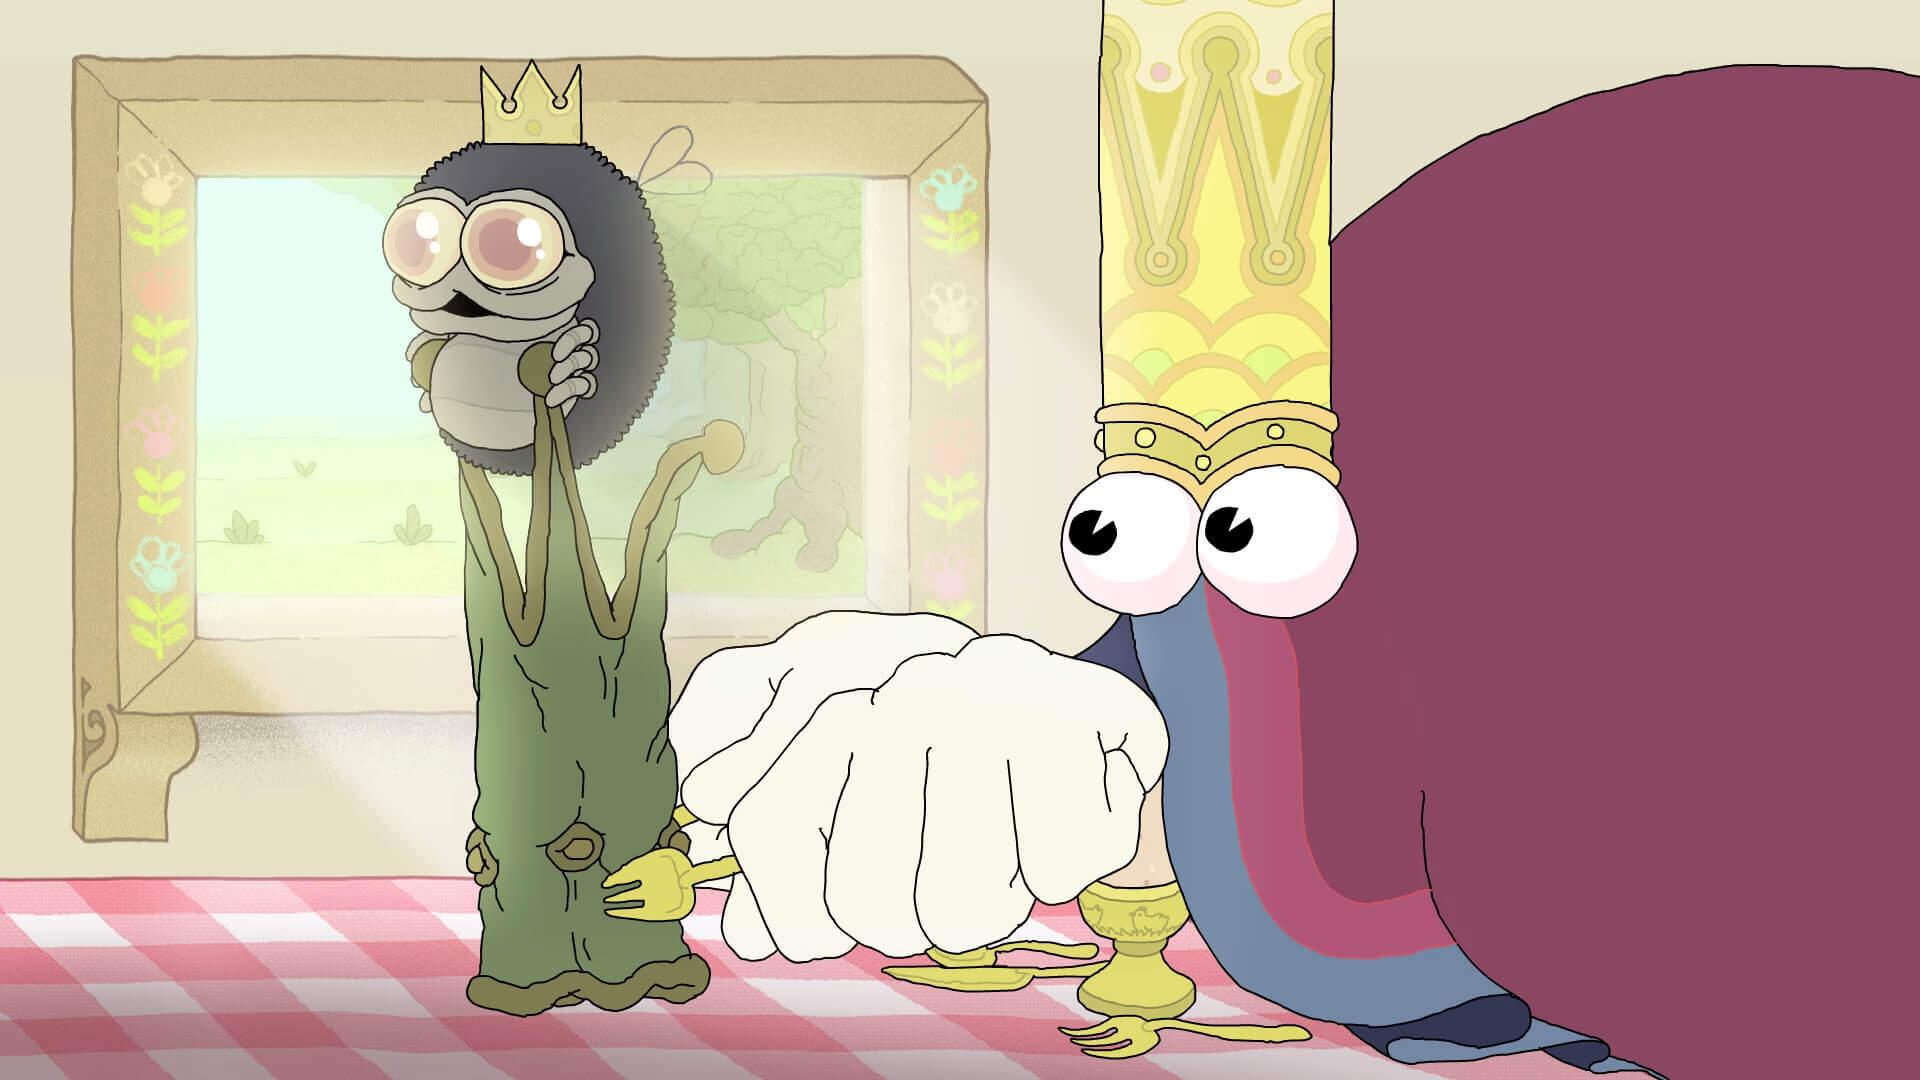 とにかく王冠が欲しいやつのショートアニメ